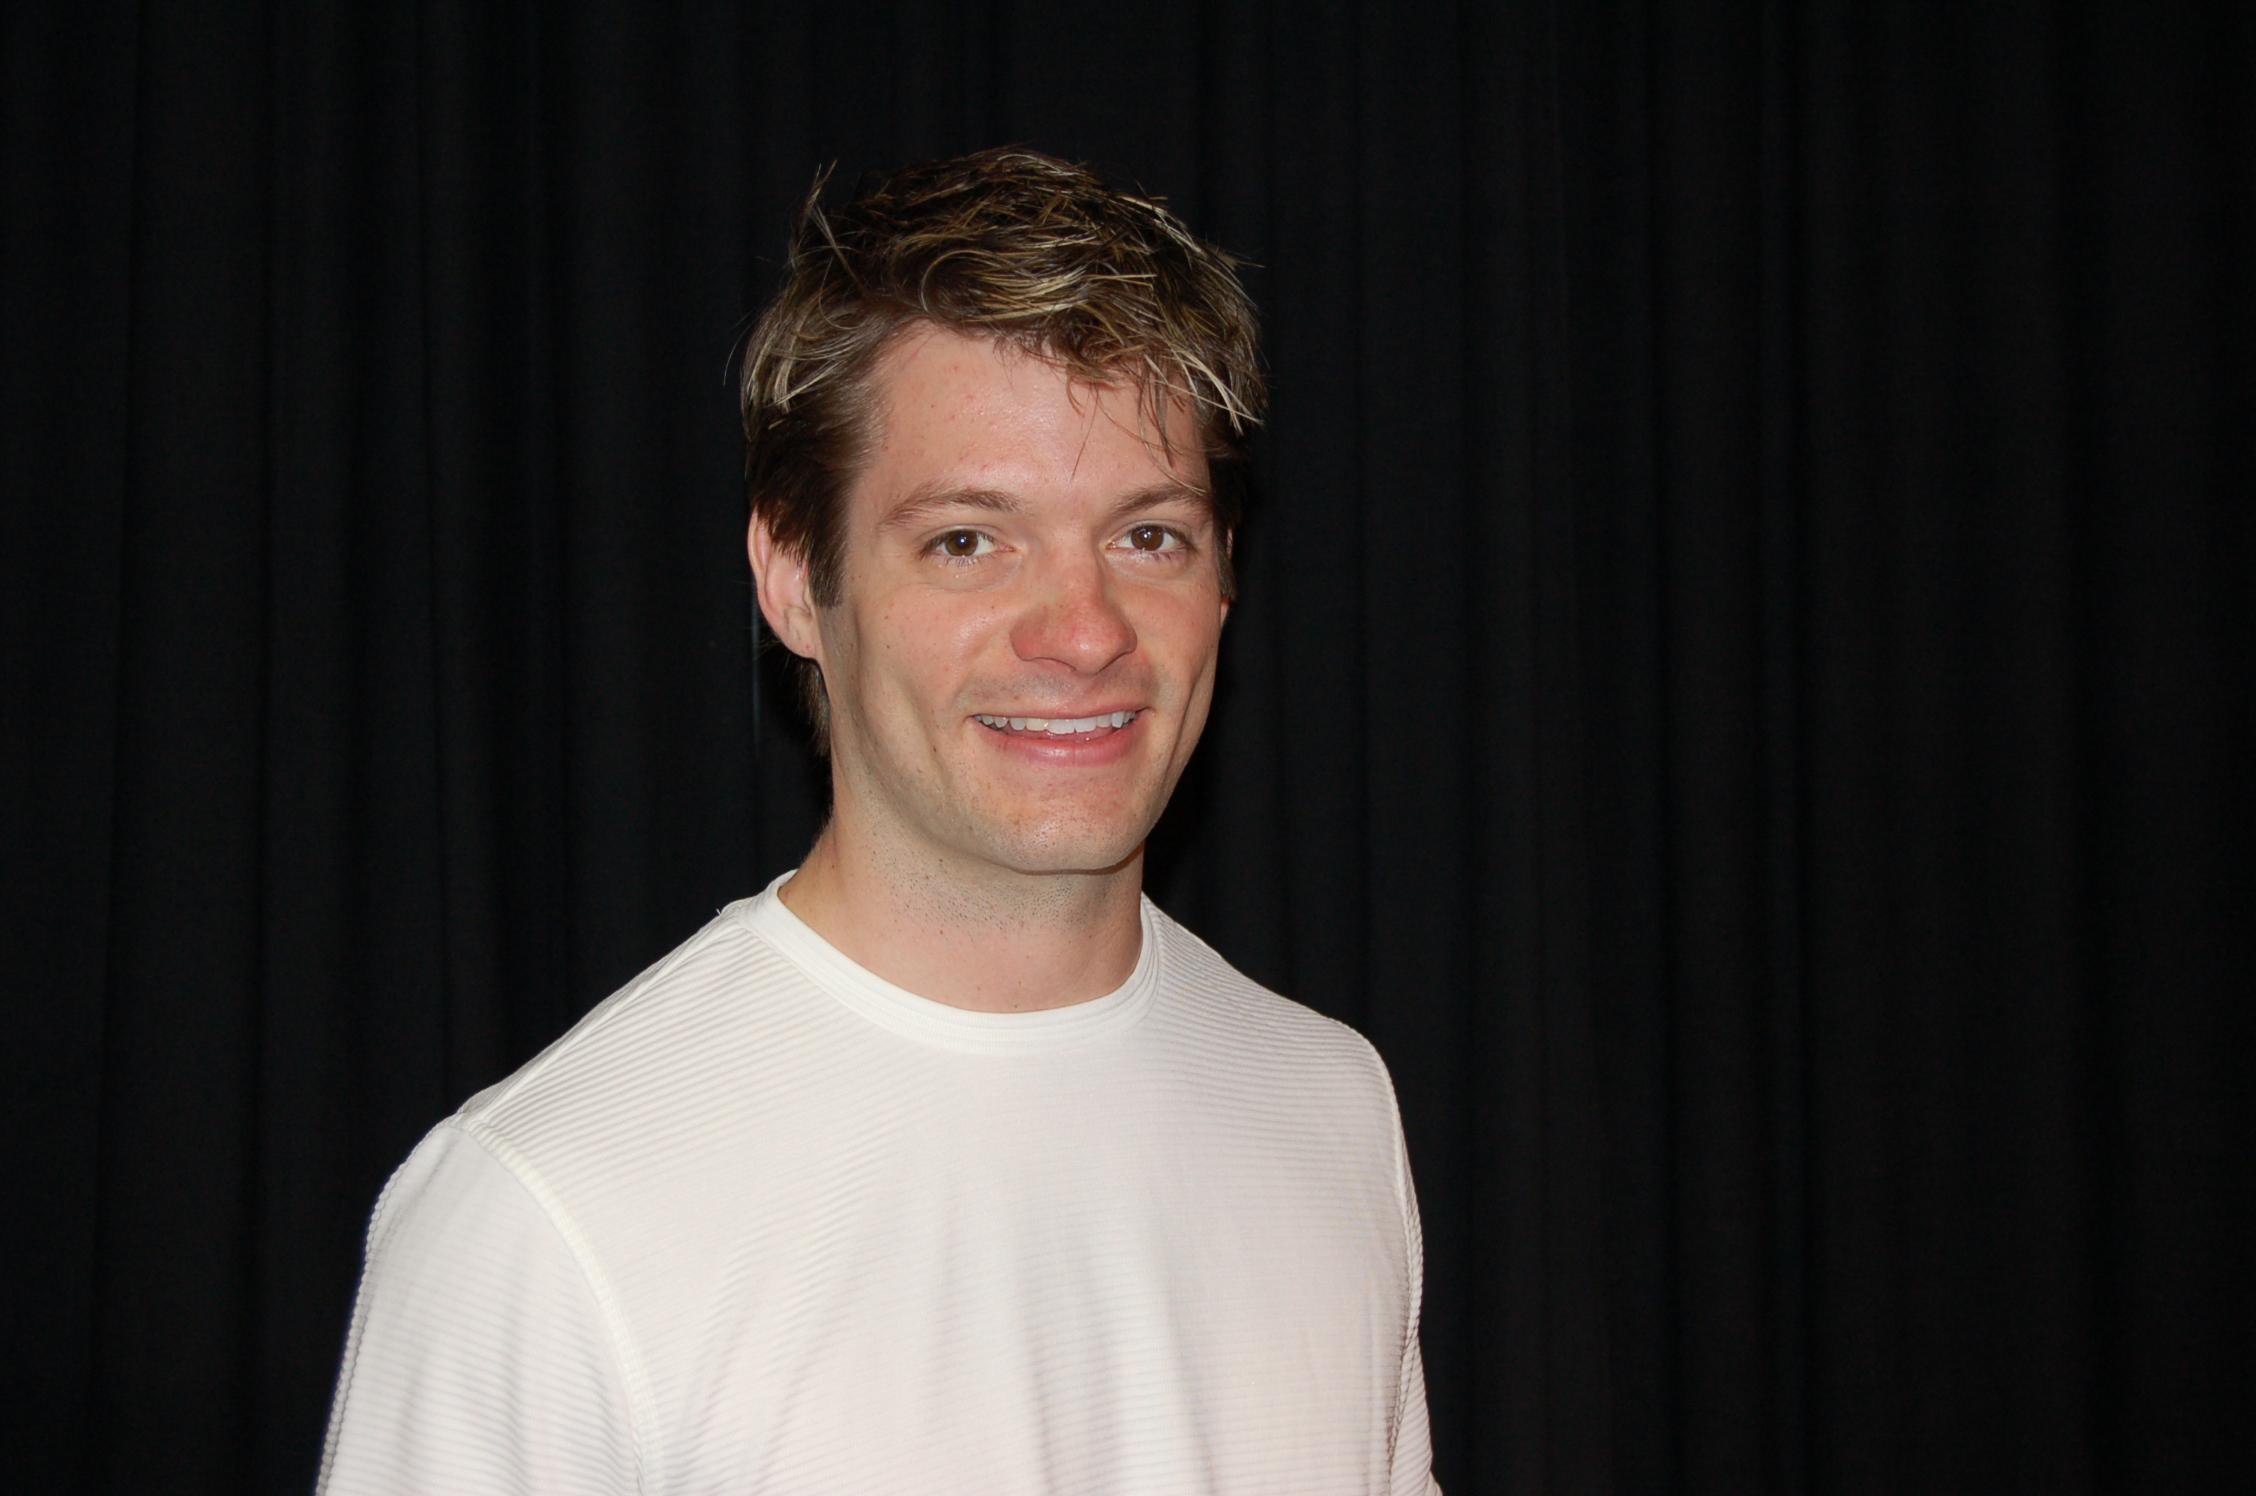 Matt Newbold